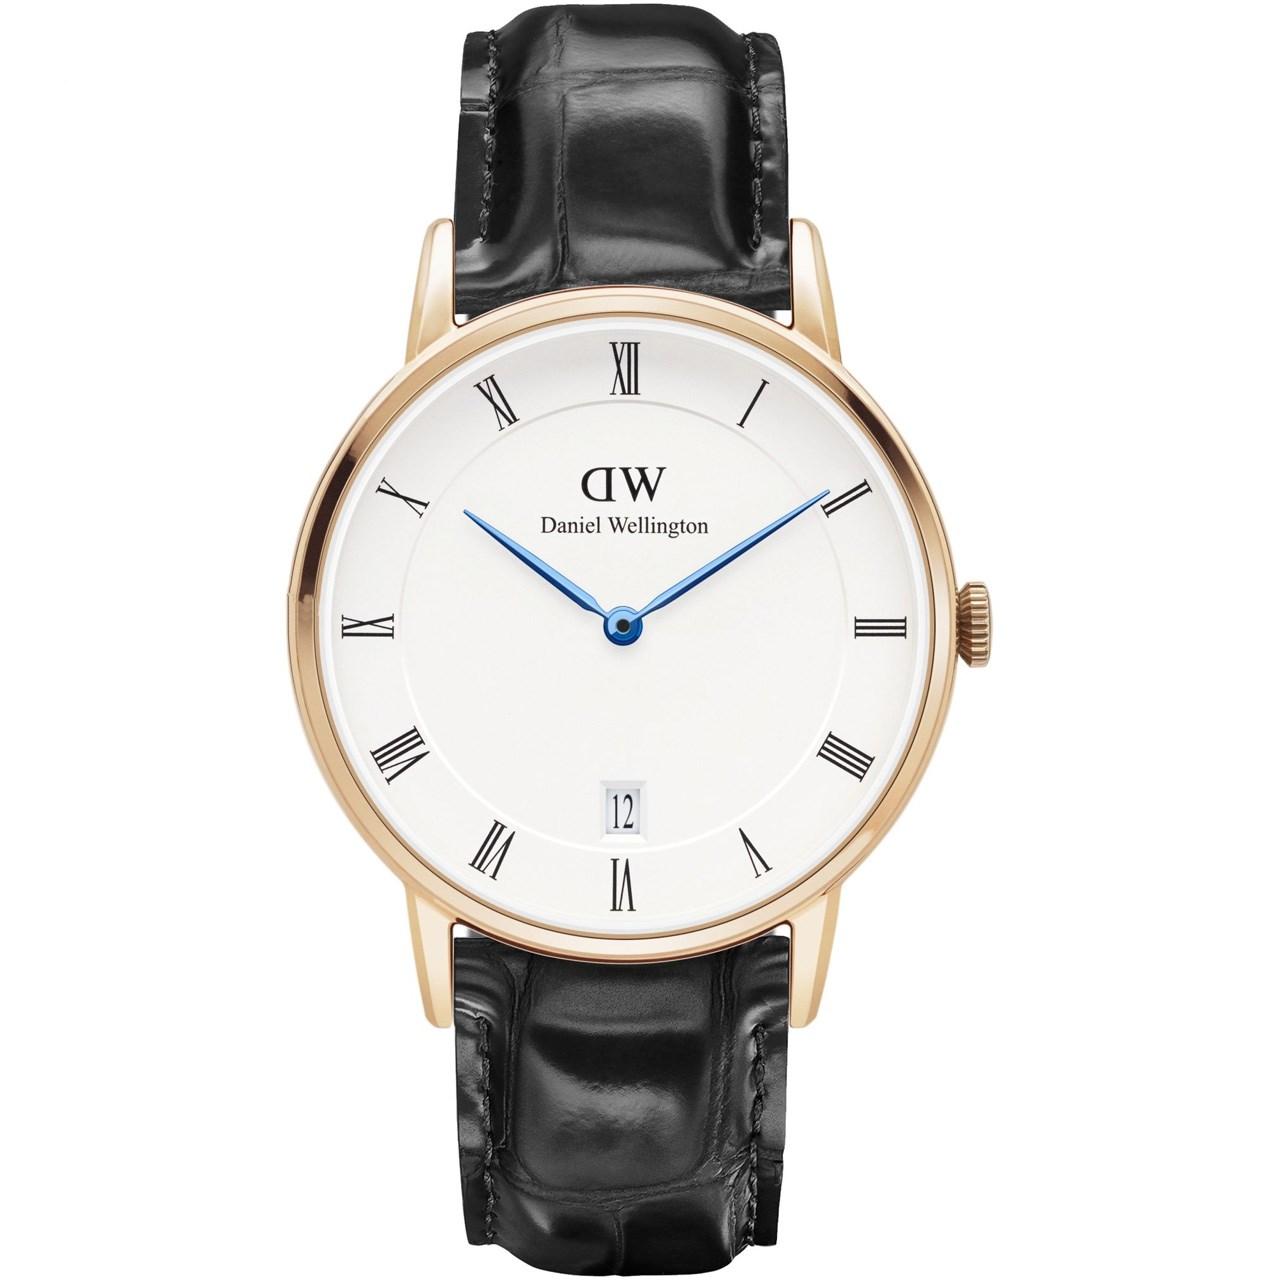 ساعت مچی عقربه ای زنانه دنیل ولینگتون مدل DW00100118              خرید (⭐️⭐️⭐️)